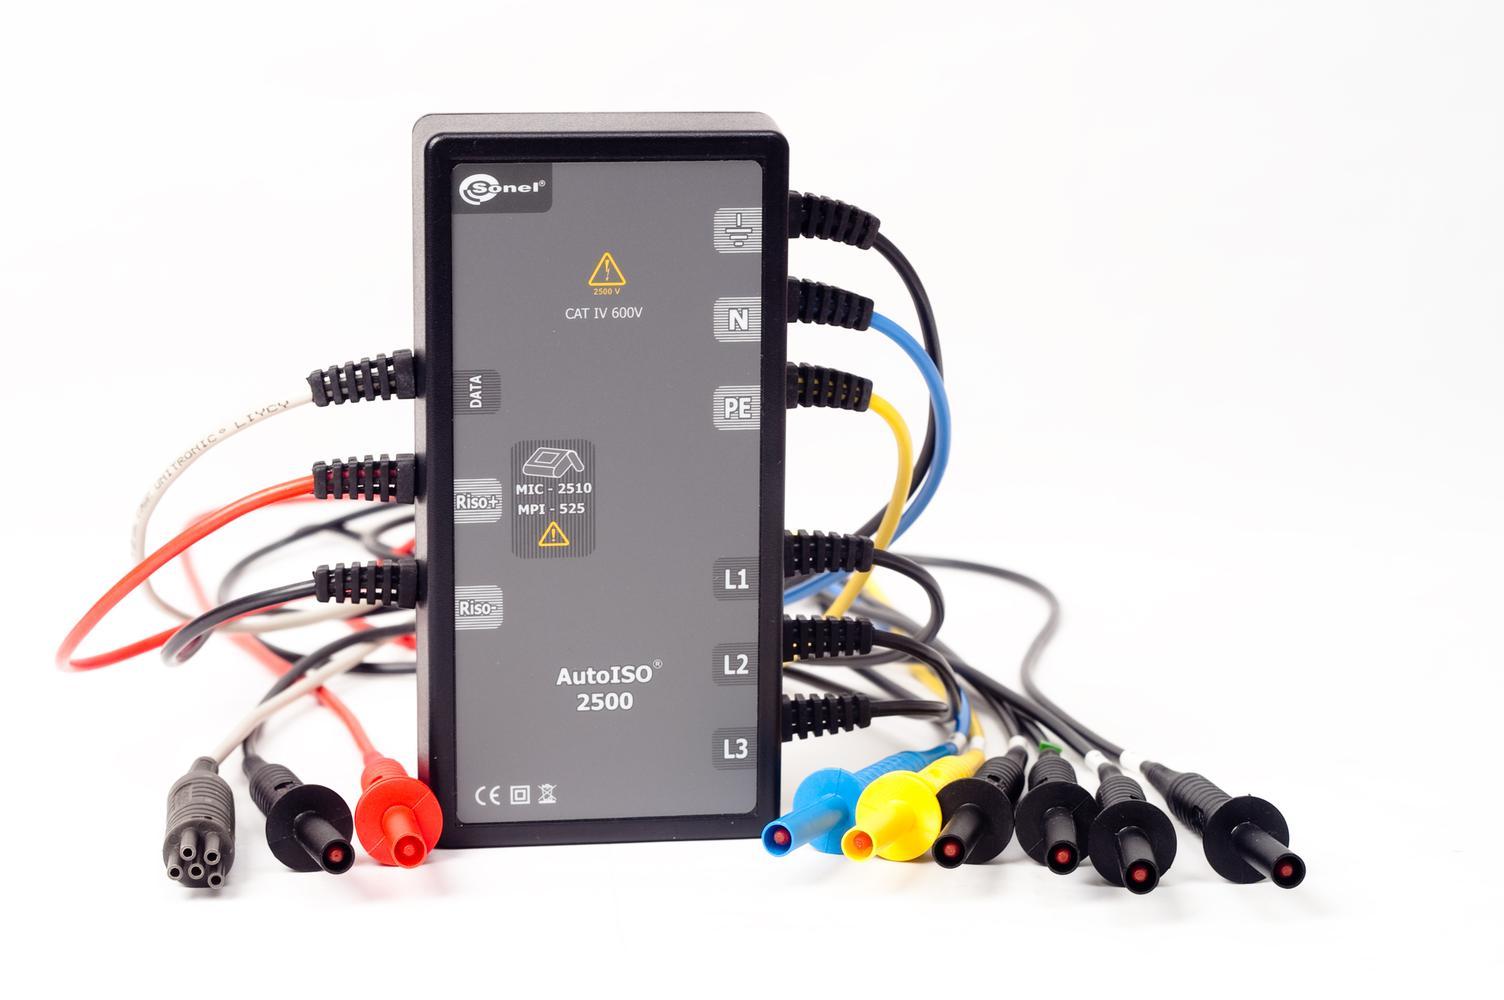 AutoISO-2500 Adapter do pomiarów kabli i przewodów wielożyłowych